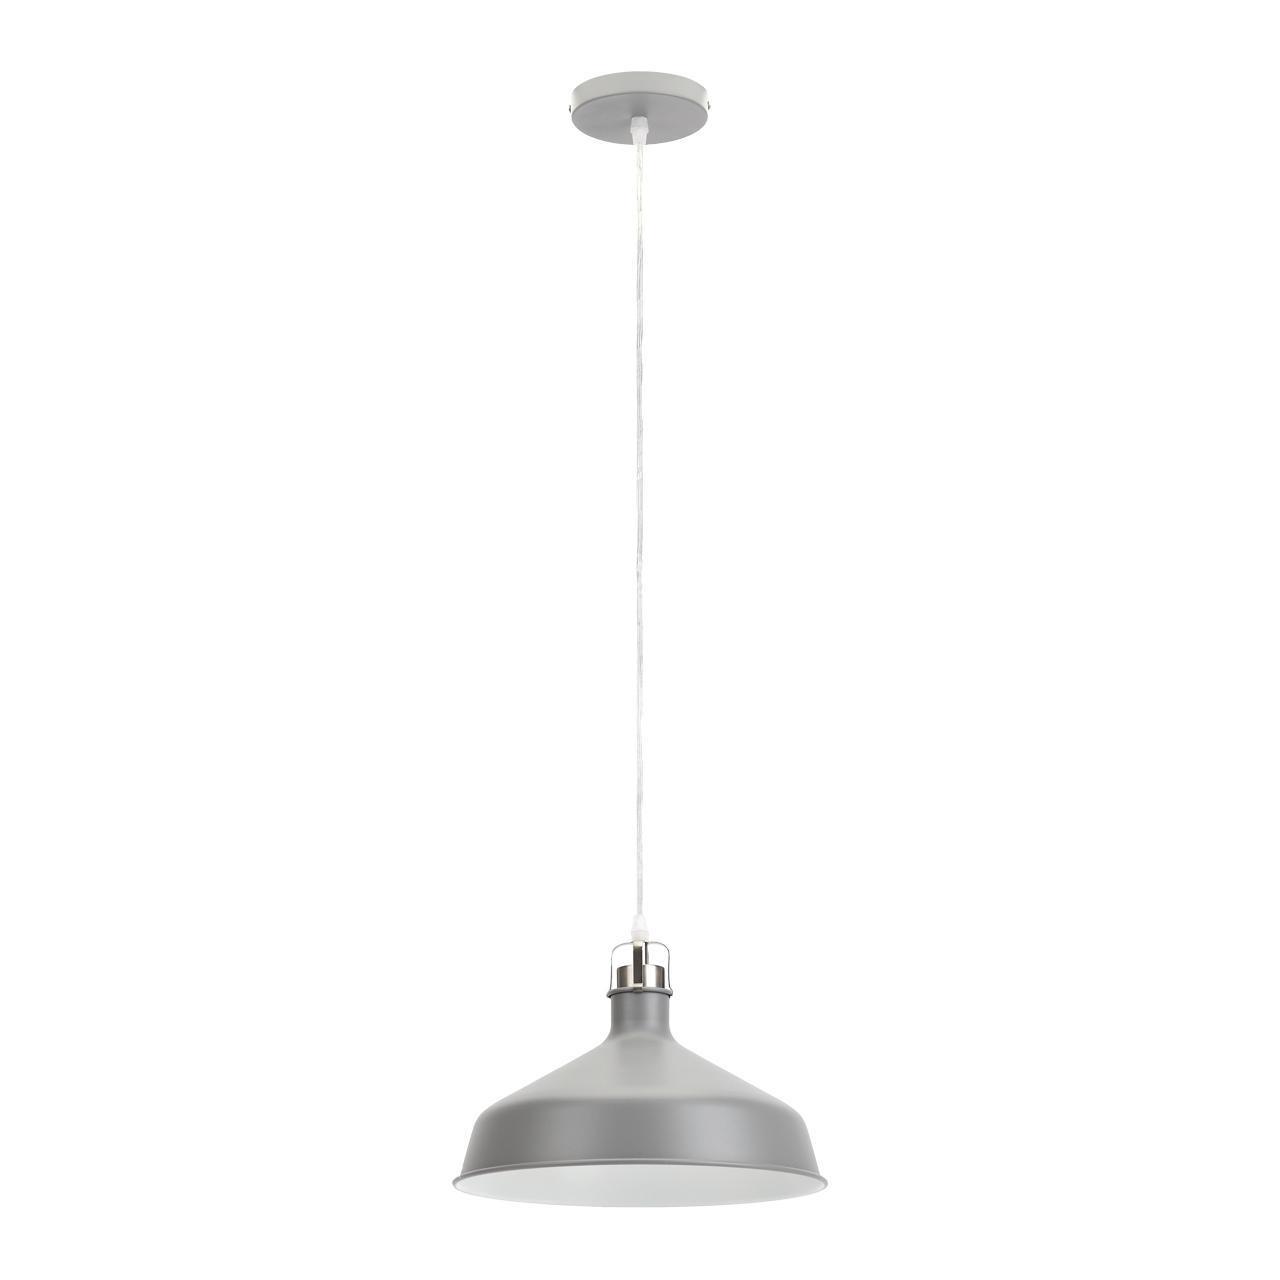 Подвесной светильник Эра PL2 GR/SN, E27, 60 Вт цены